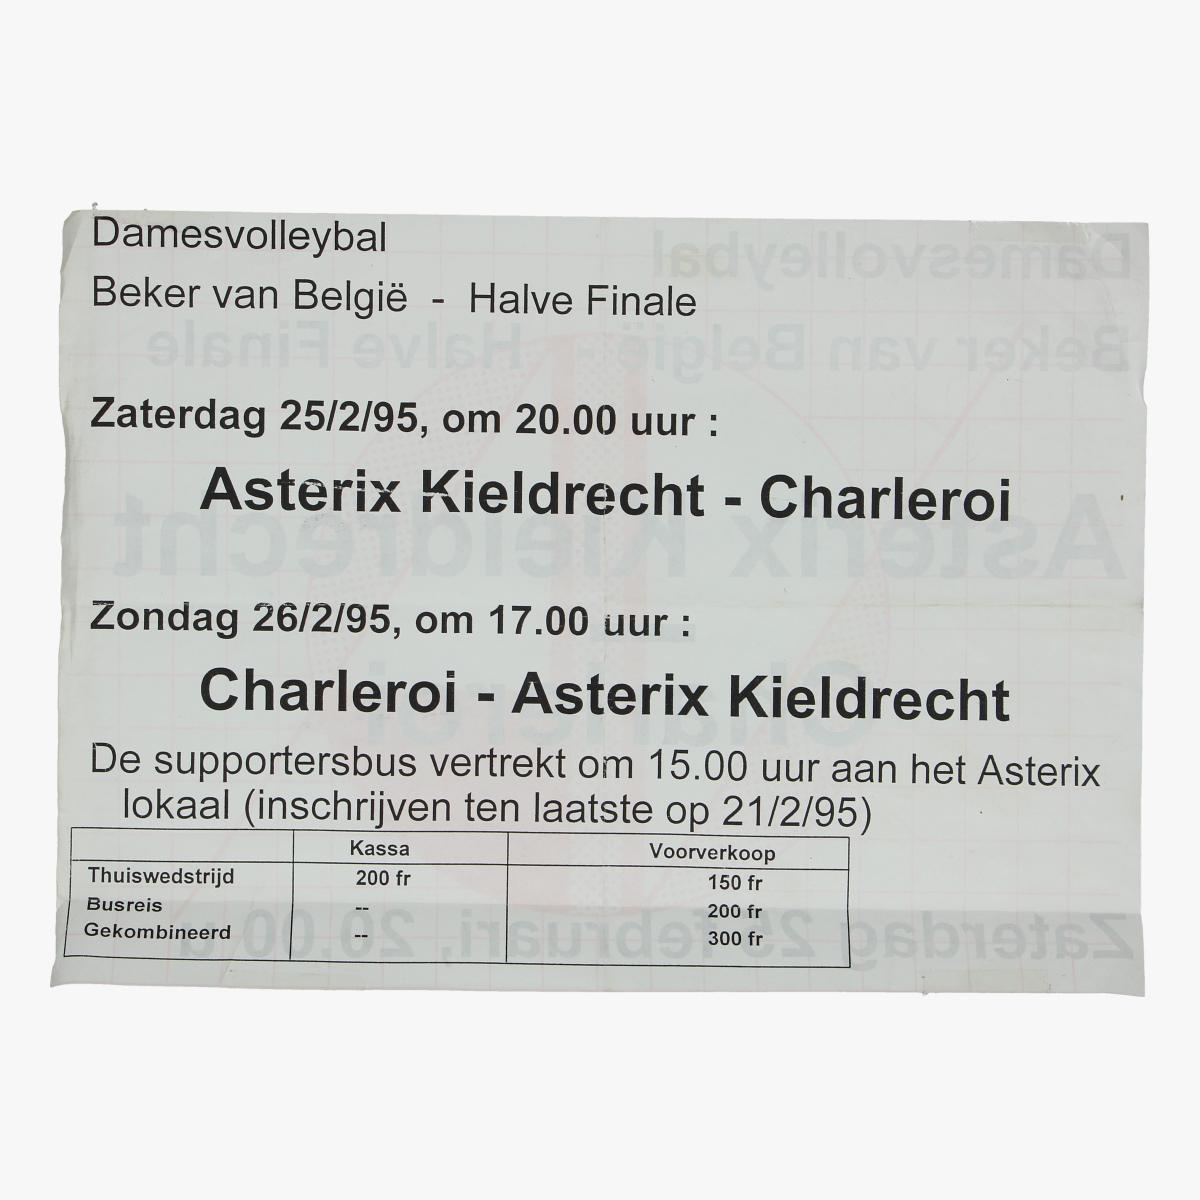 Afbeeldingen van affiche damesvolleybal beker van belgie 1/2 finale 25/2/95